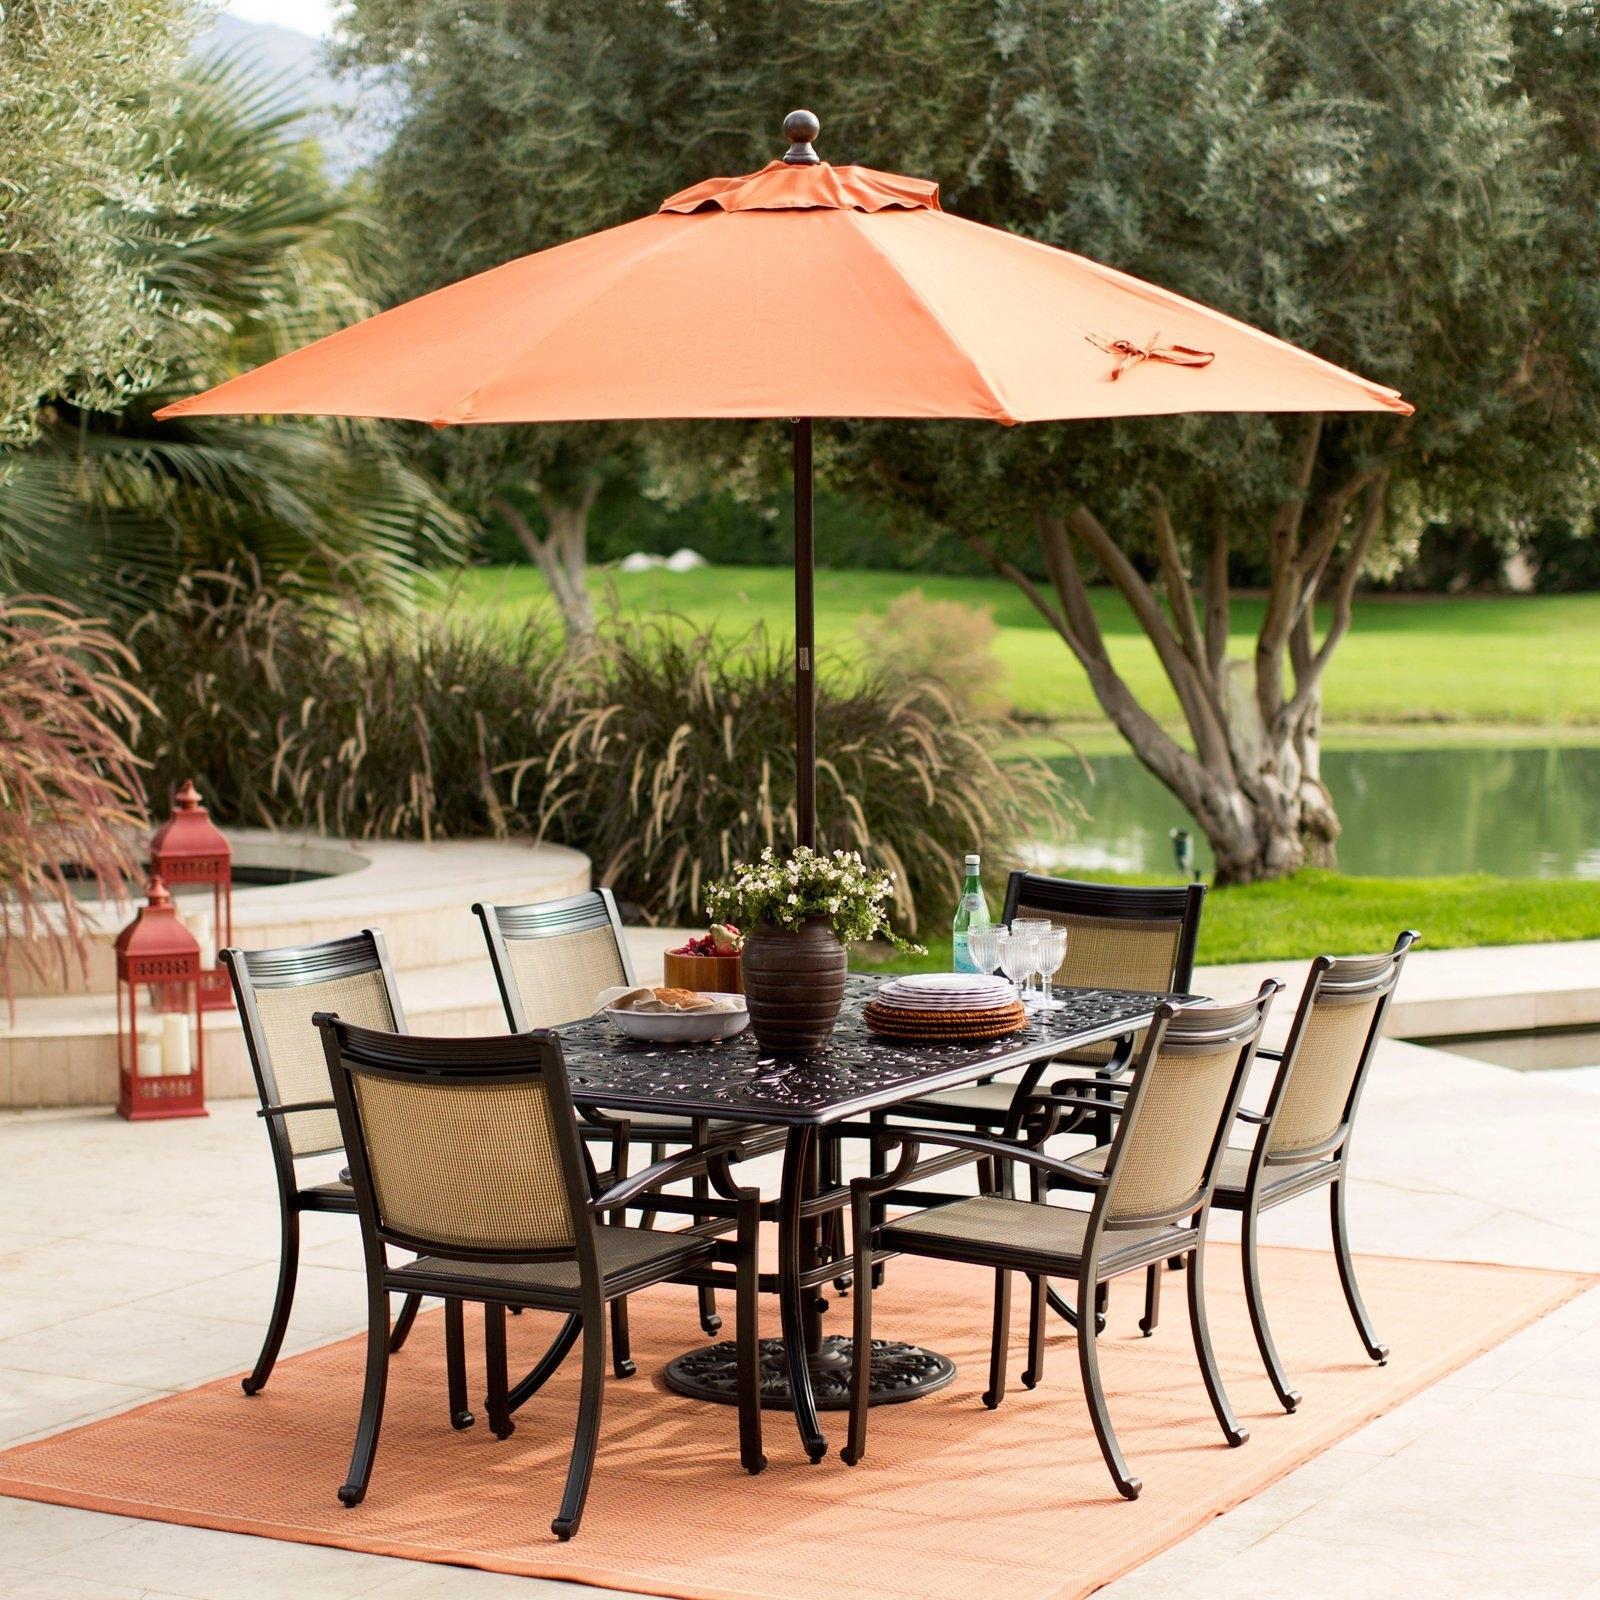 Sunbrella Outdoor Patio Umbrellas With Regard To Popular Coral Coast 9 Ft (View 15 of 20)